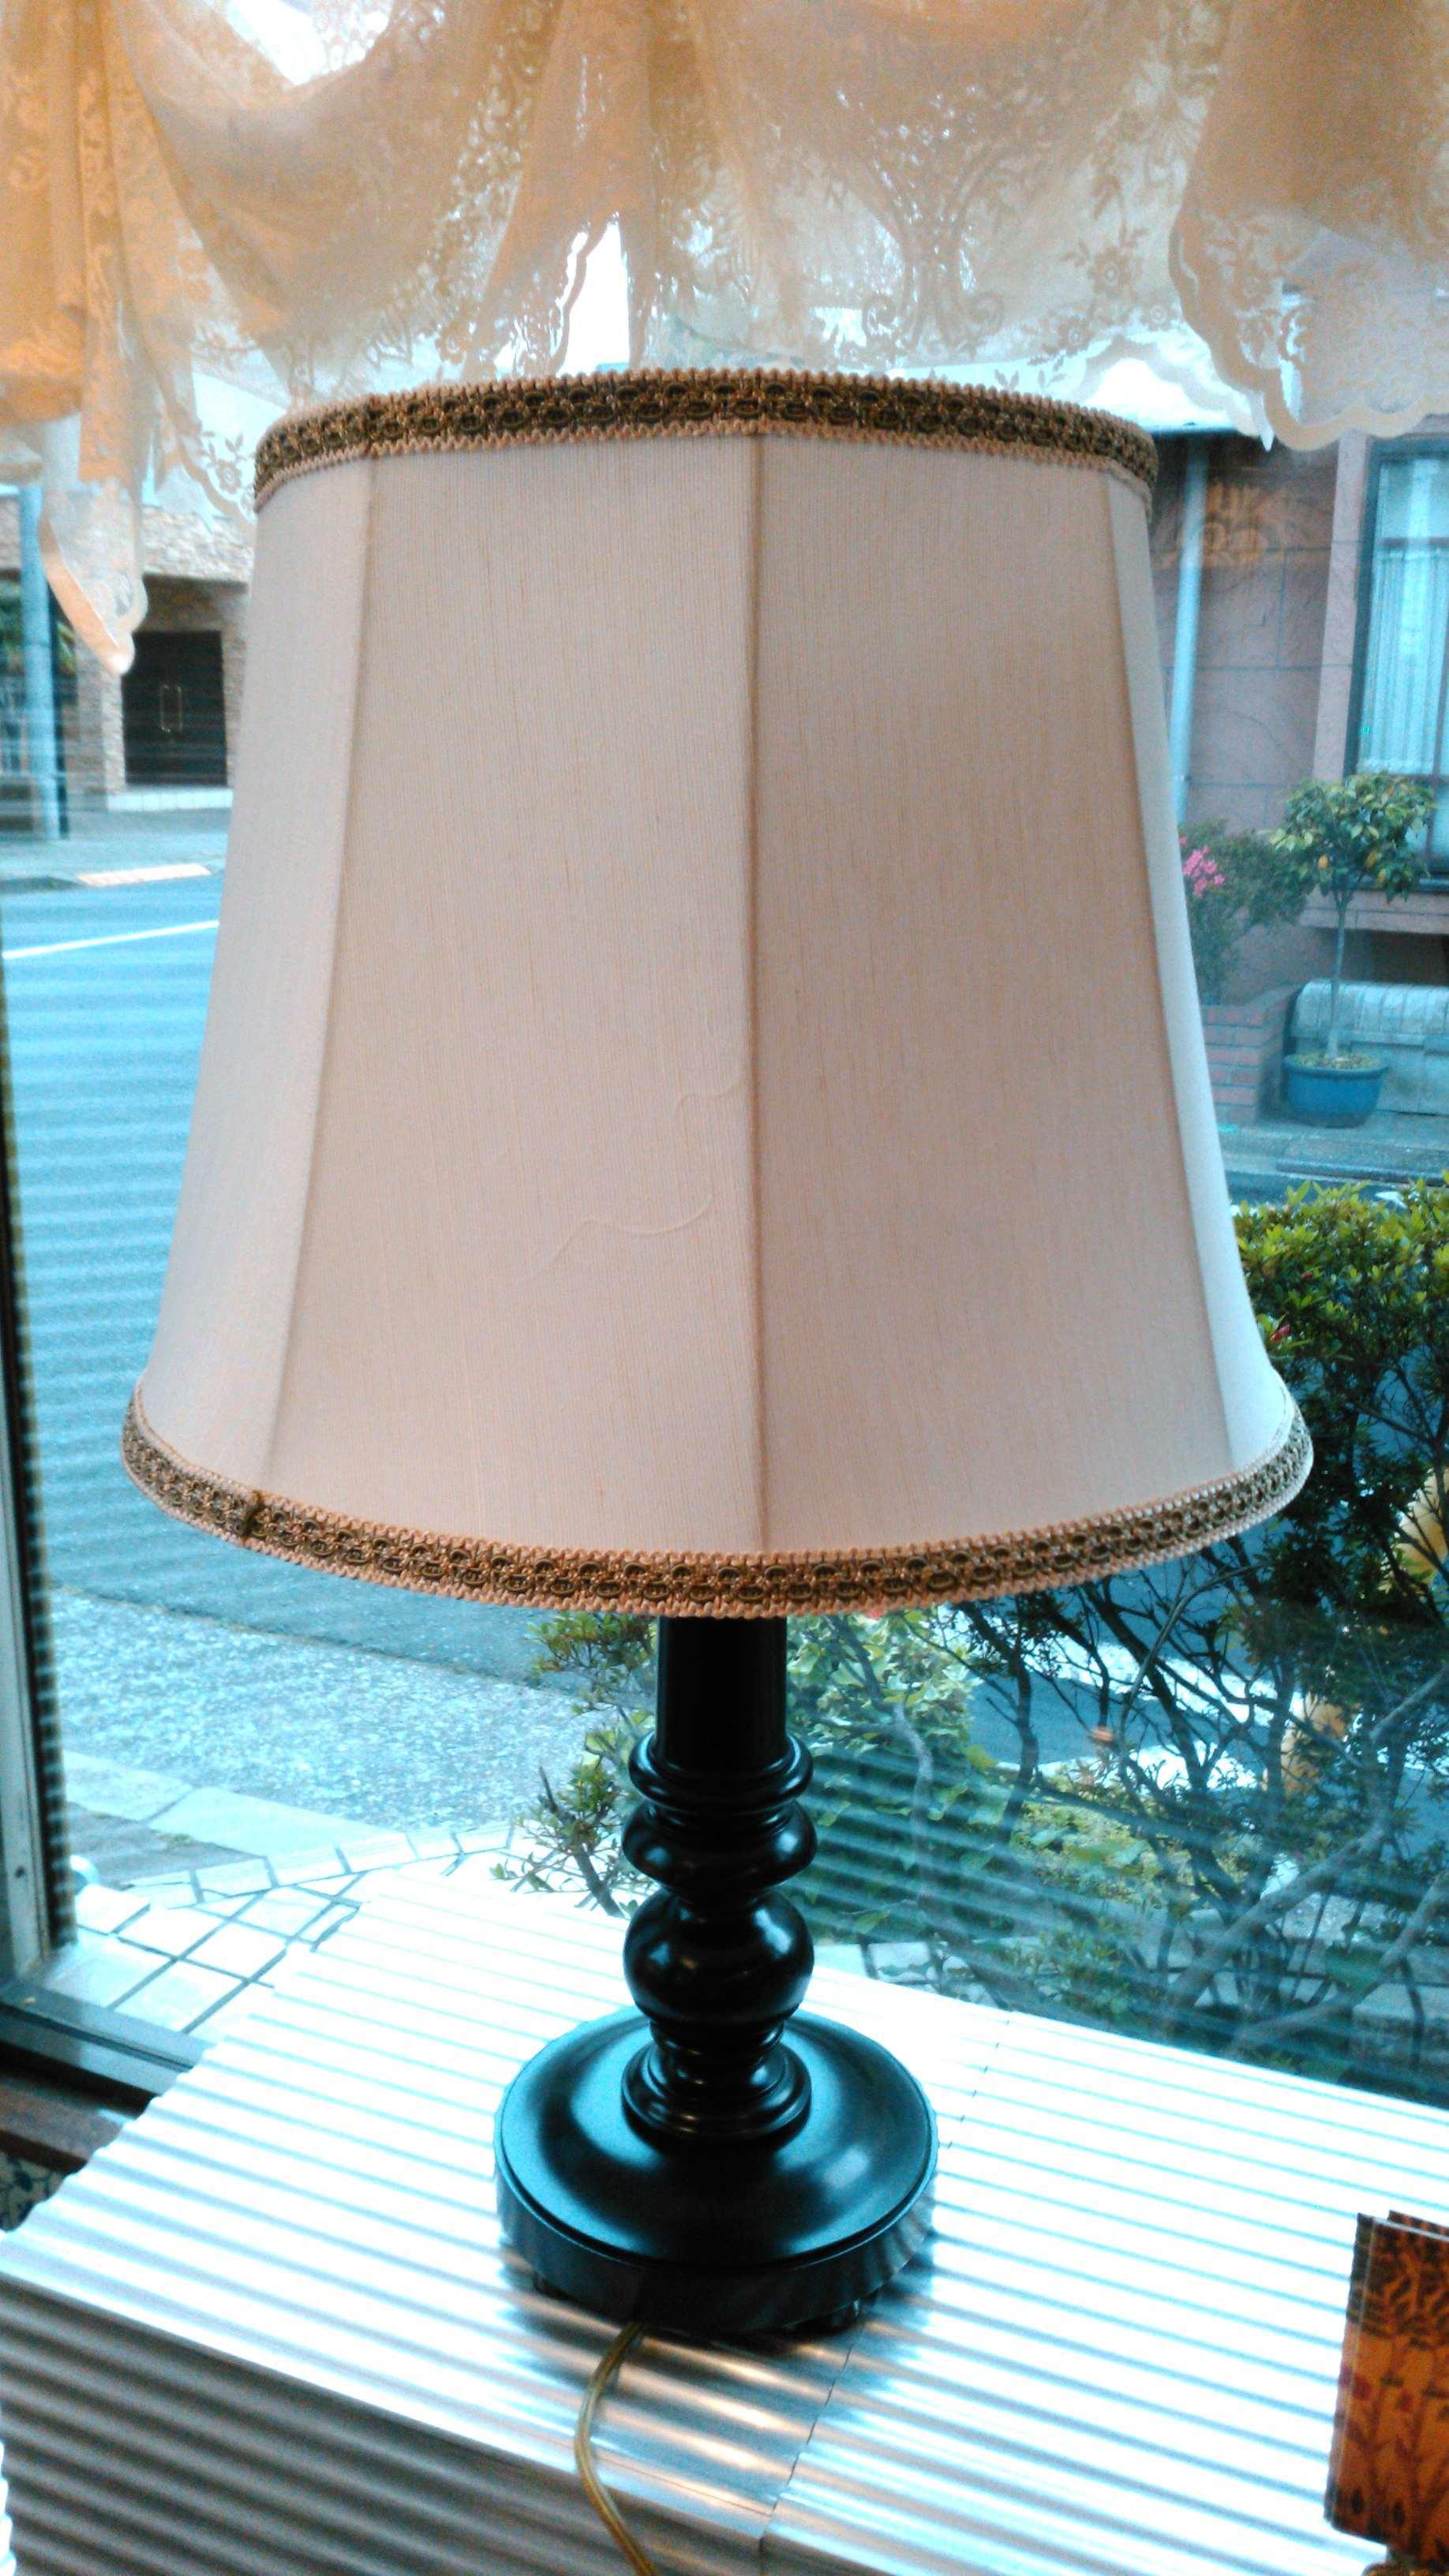 ランプシェード 張替 ウィリアムモリス正規販売店のブライト_c0157866_18573192.jpg